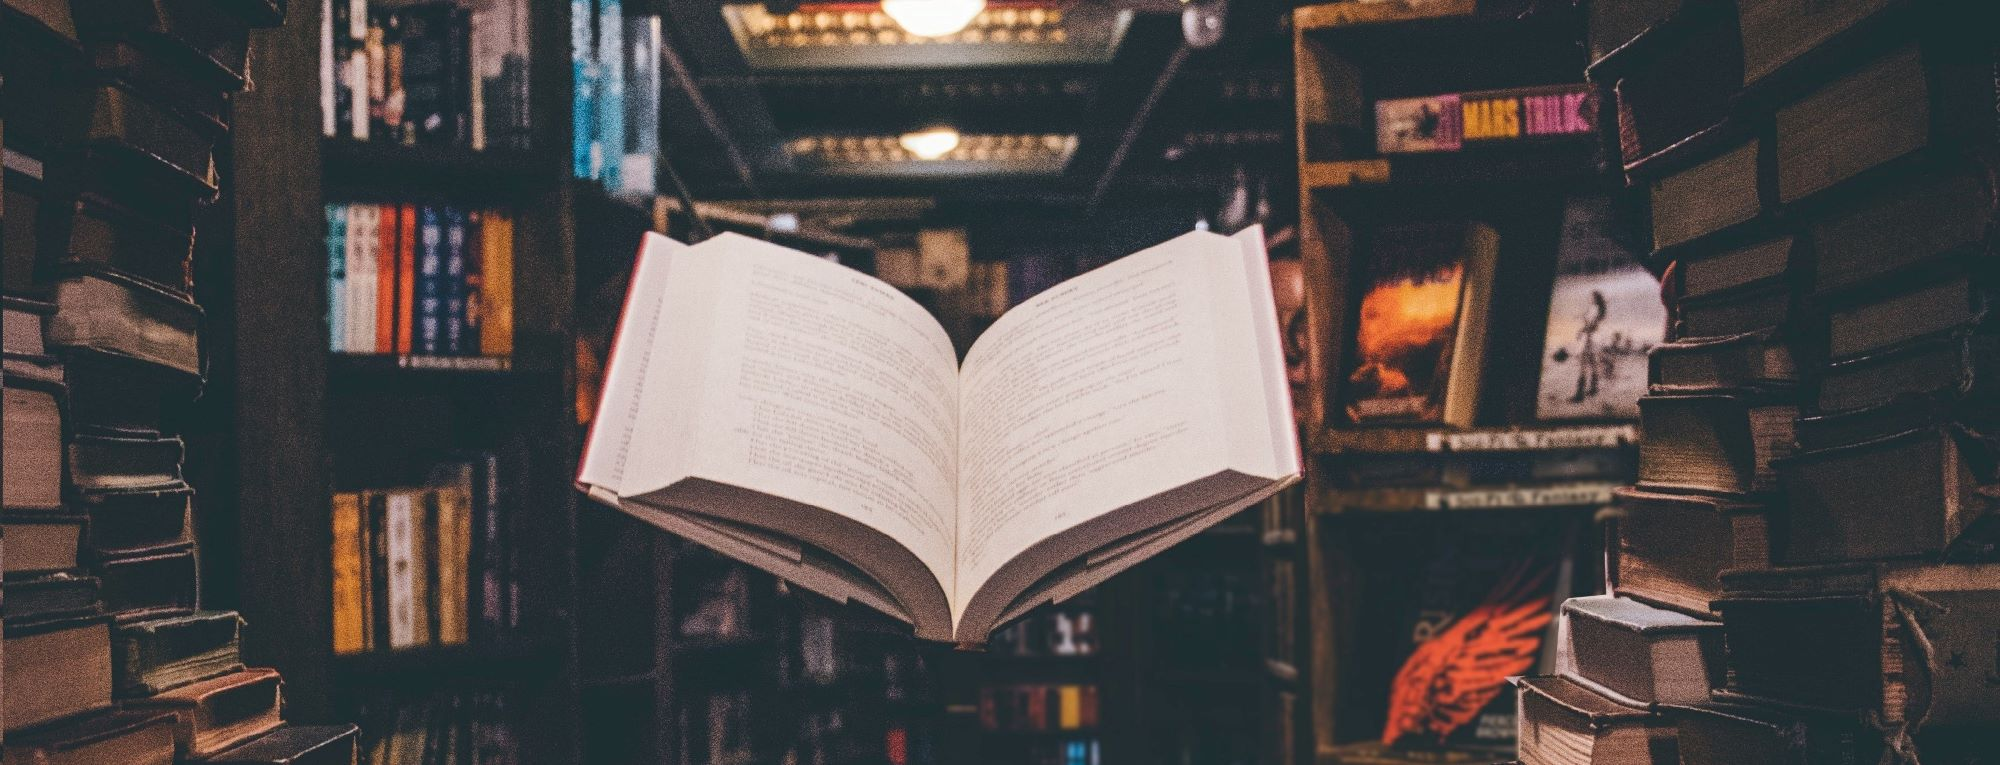 Schwebendes geöffnetes Buch